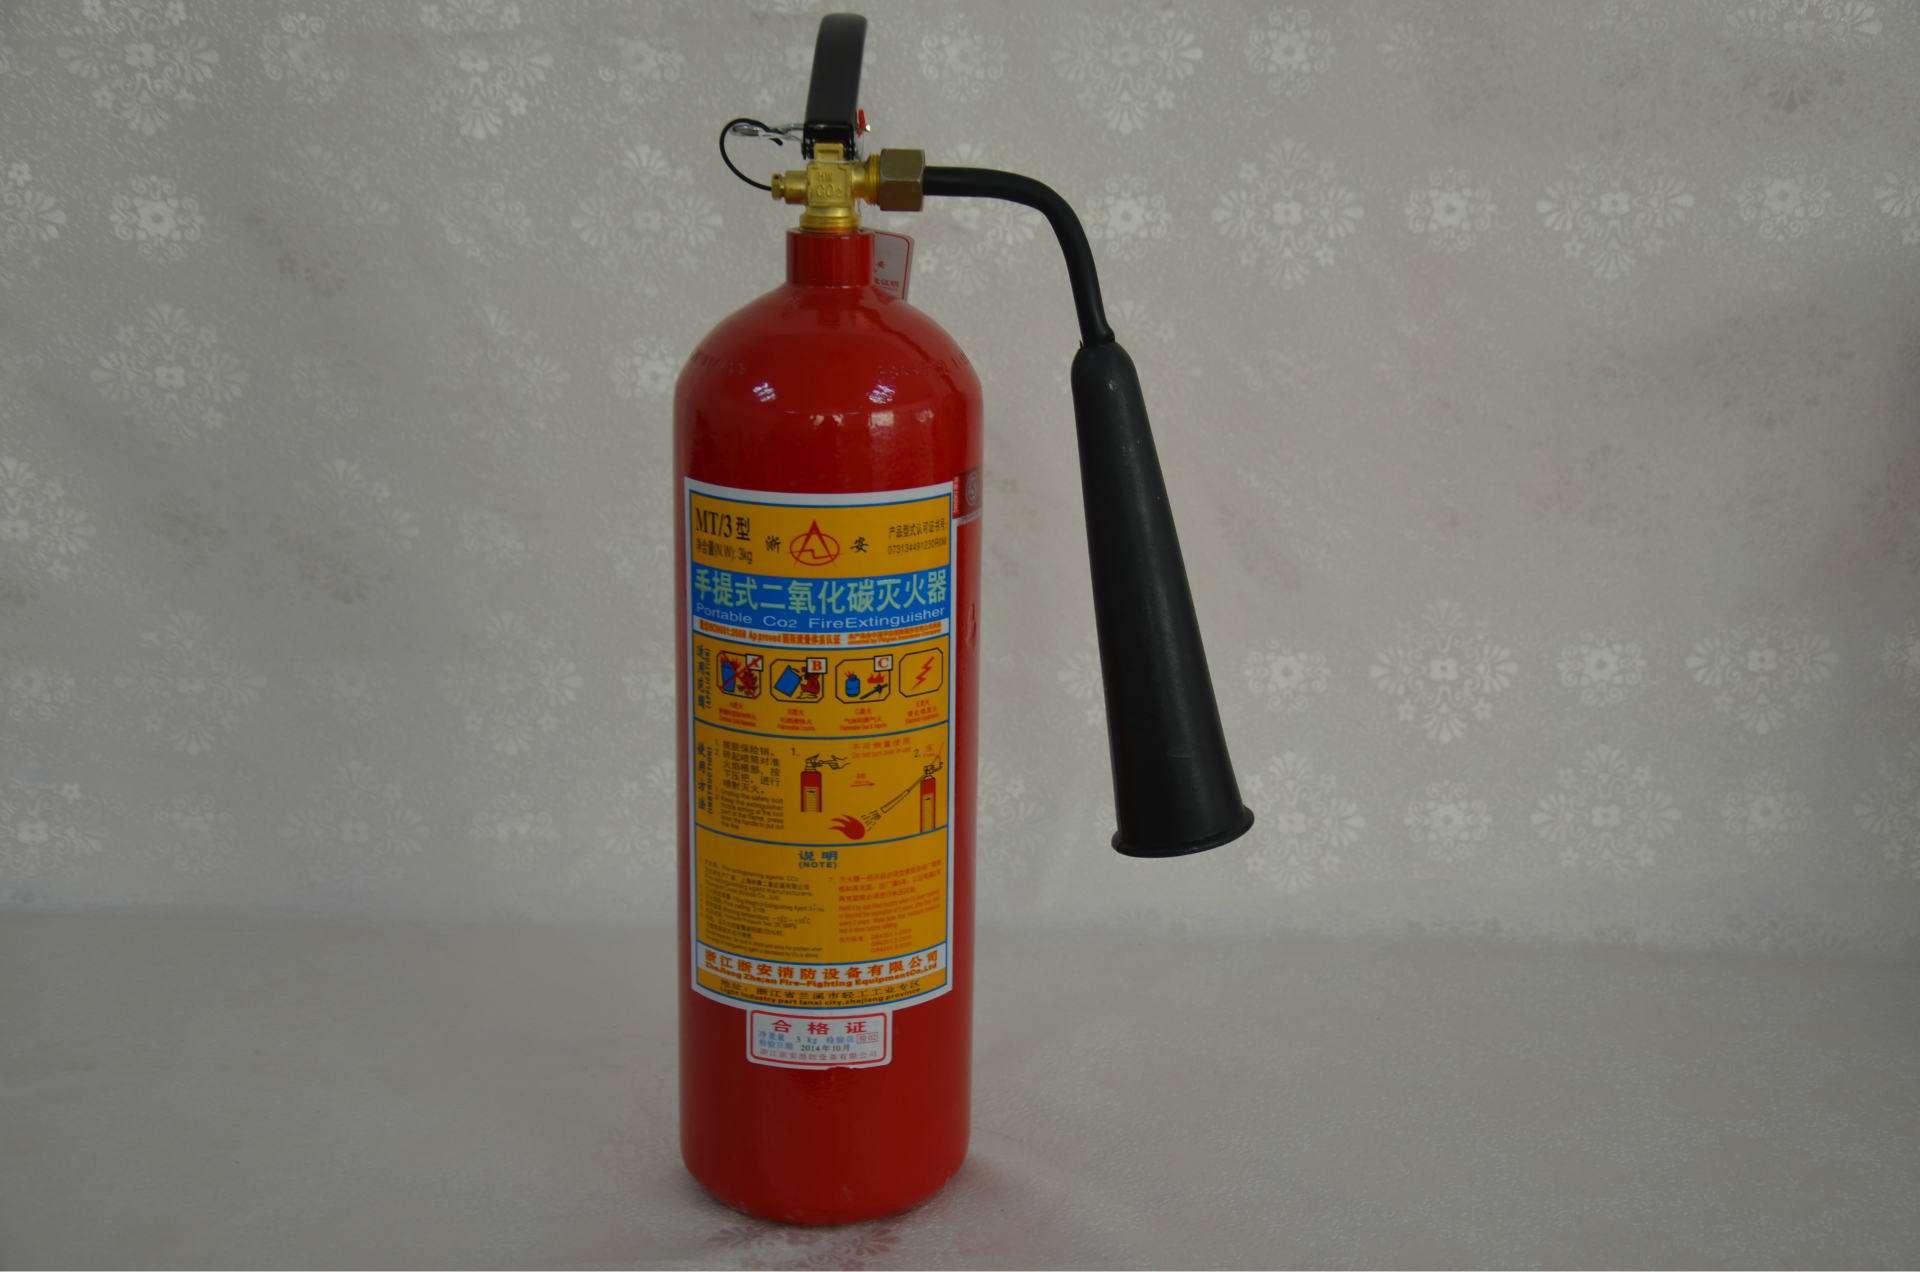 规格为10kg的二氧化碳灭火器